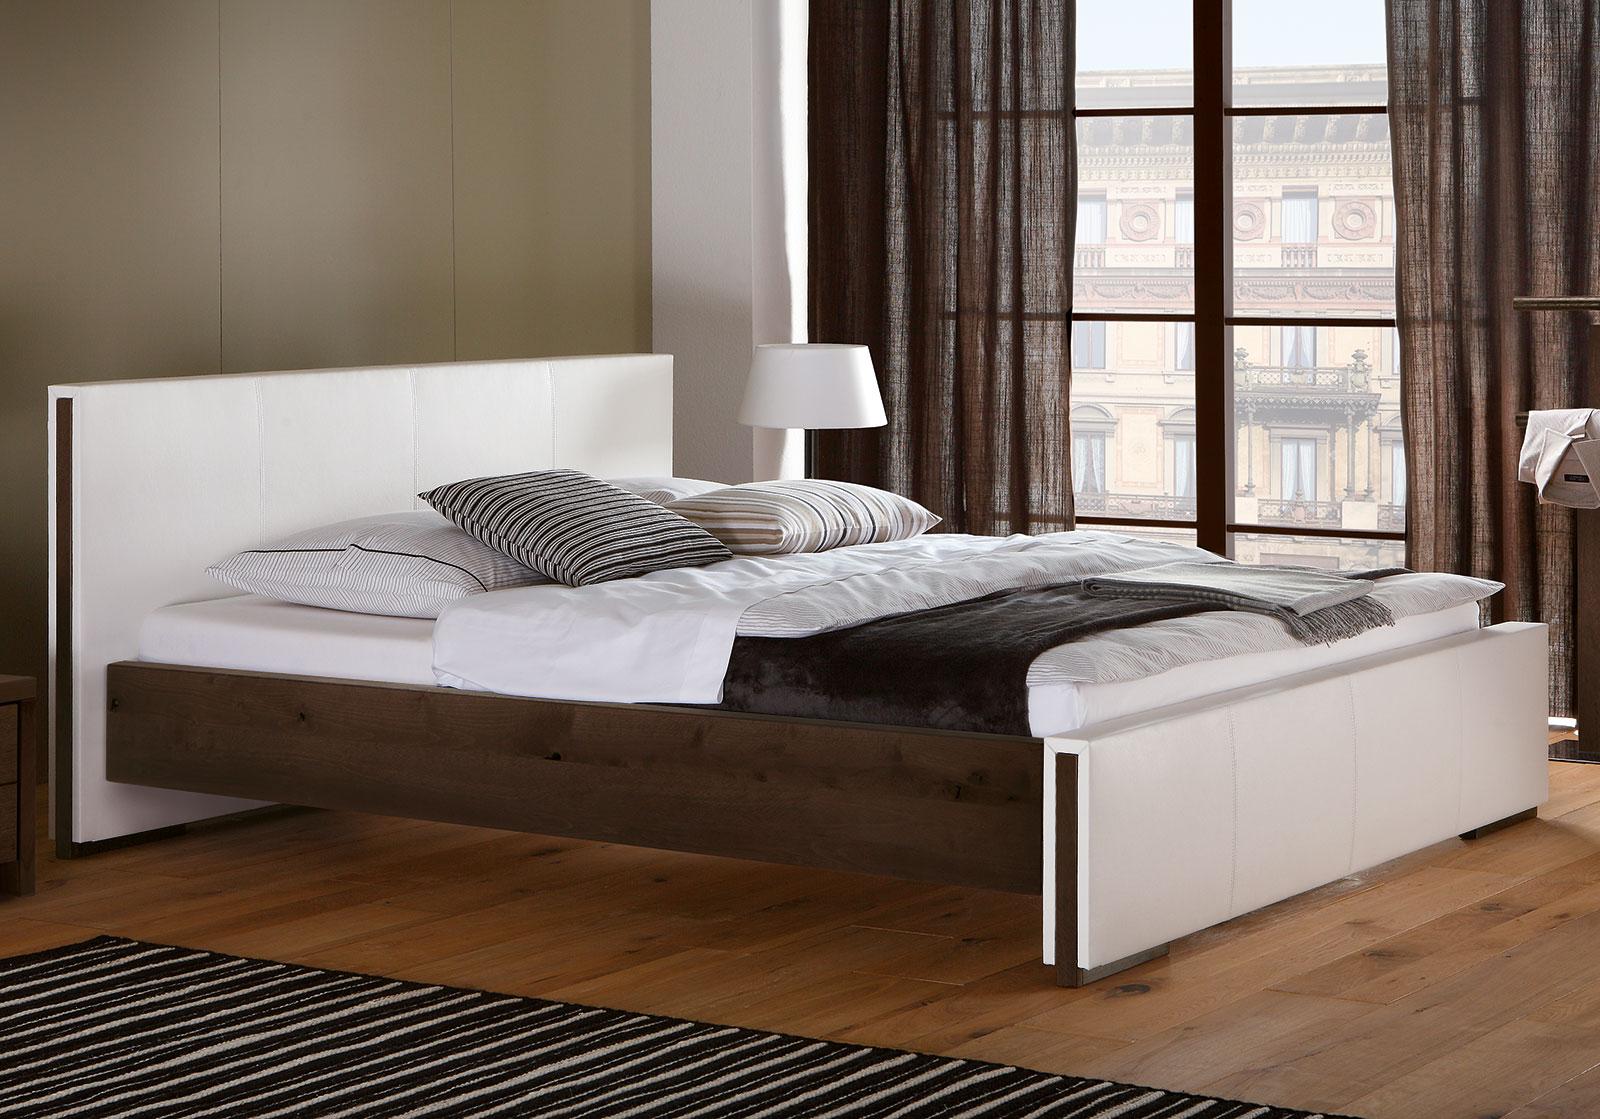 bett aus wildbuche massivholz mit luxus-kunstleder - amadora - Doppelbett Luxus